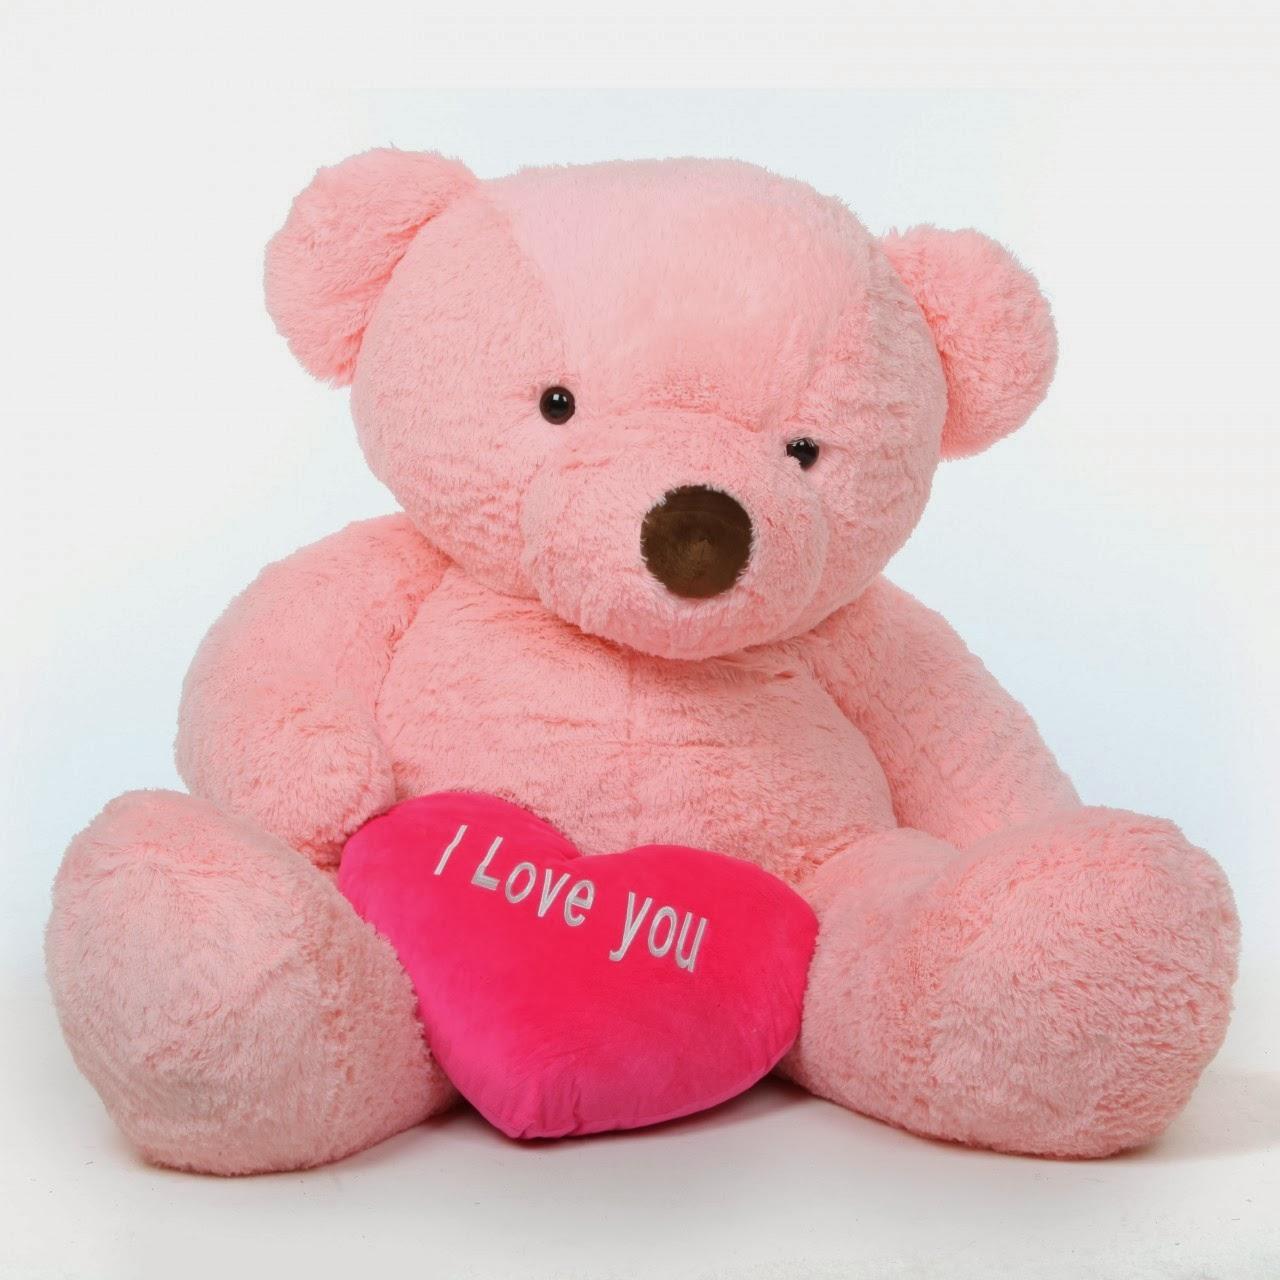 Giant Teddy Bea... Giant Pink Teddy Bear